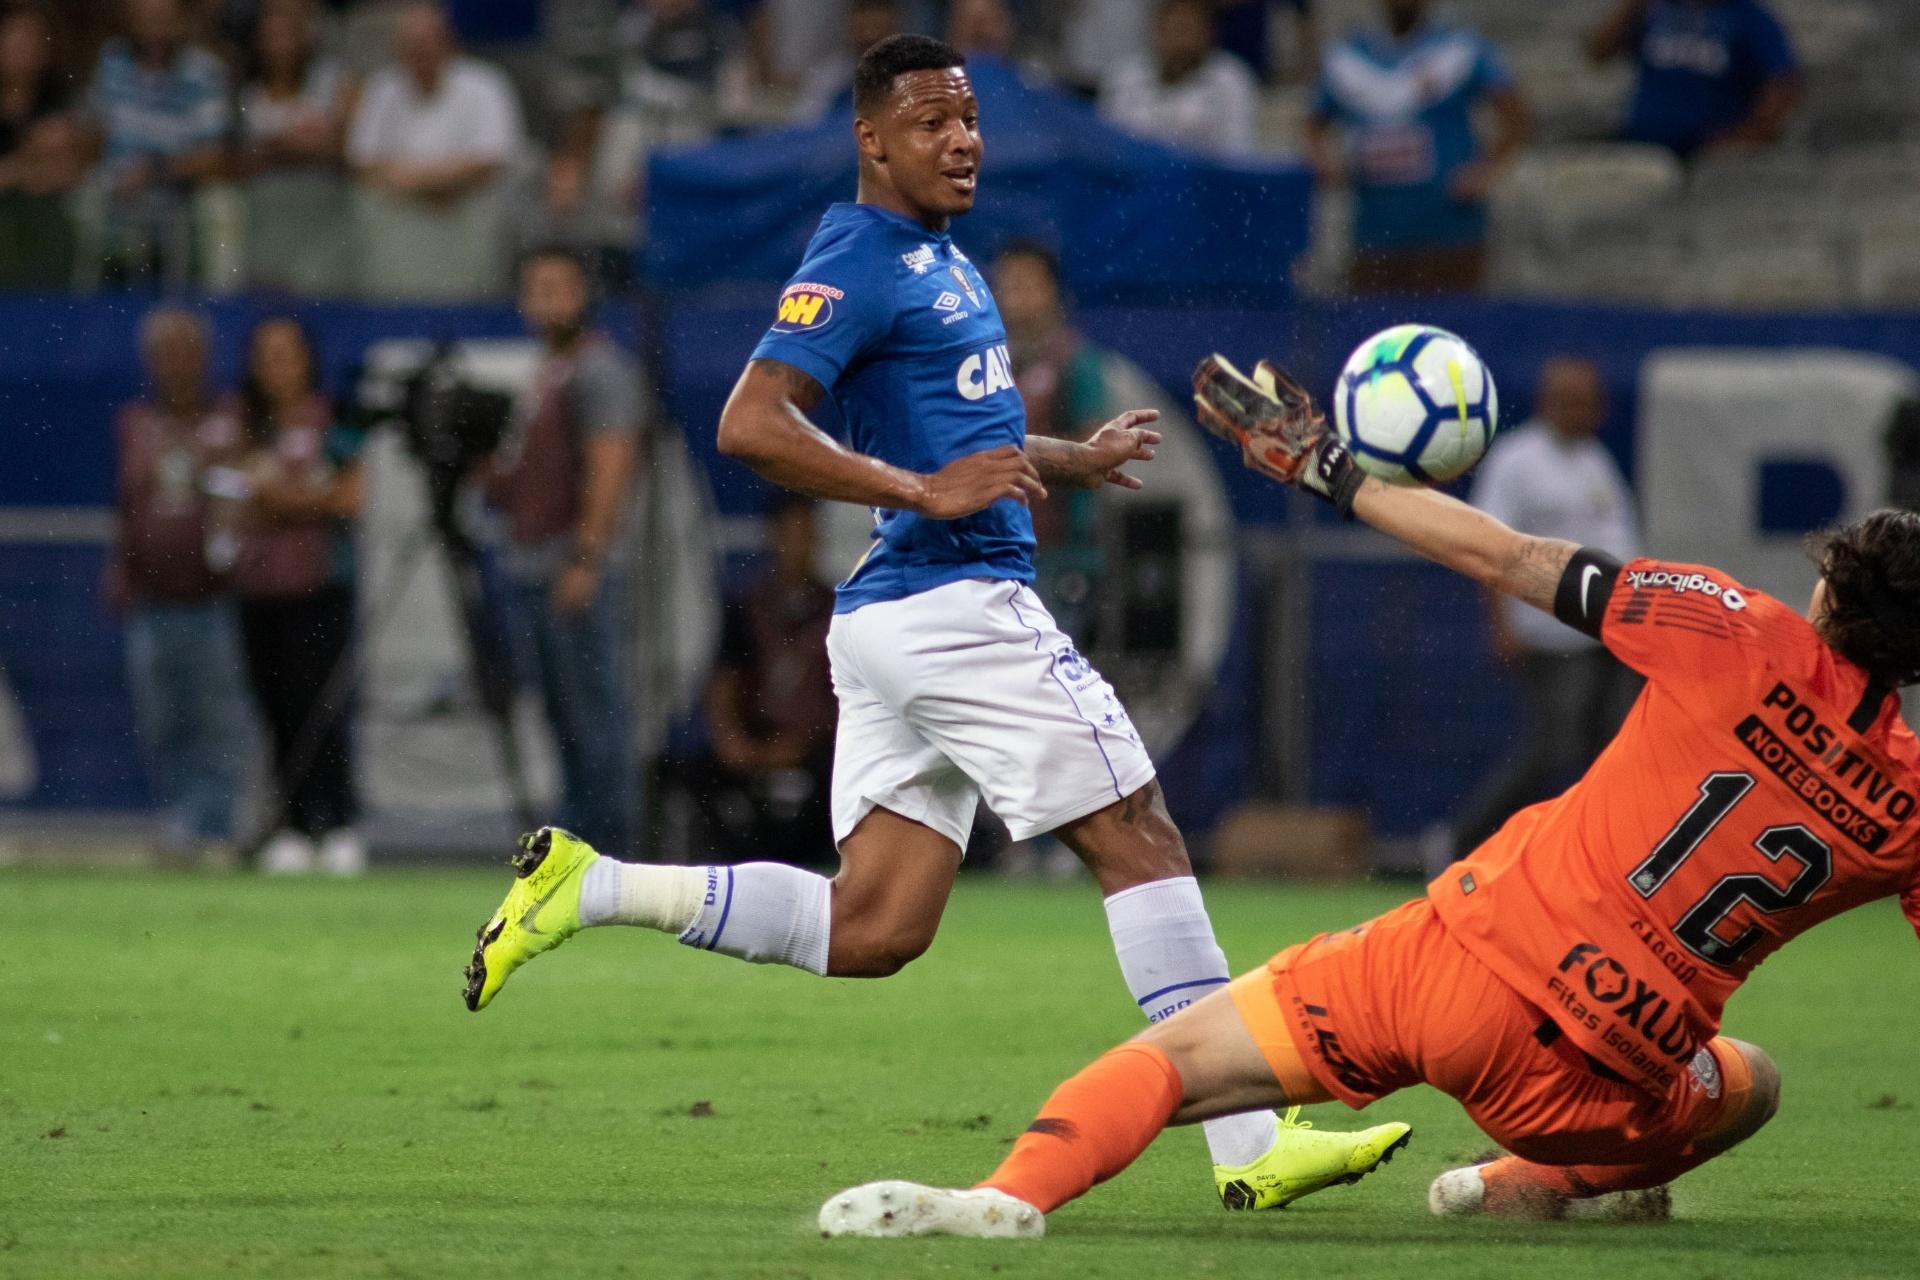 Reforço mais caro busca sequência em campo para mostrar valor no Cruzeiro -  20 11 2018 - UOL Esporte 6be498df4aefe